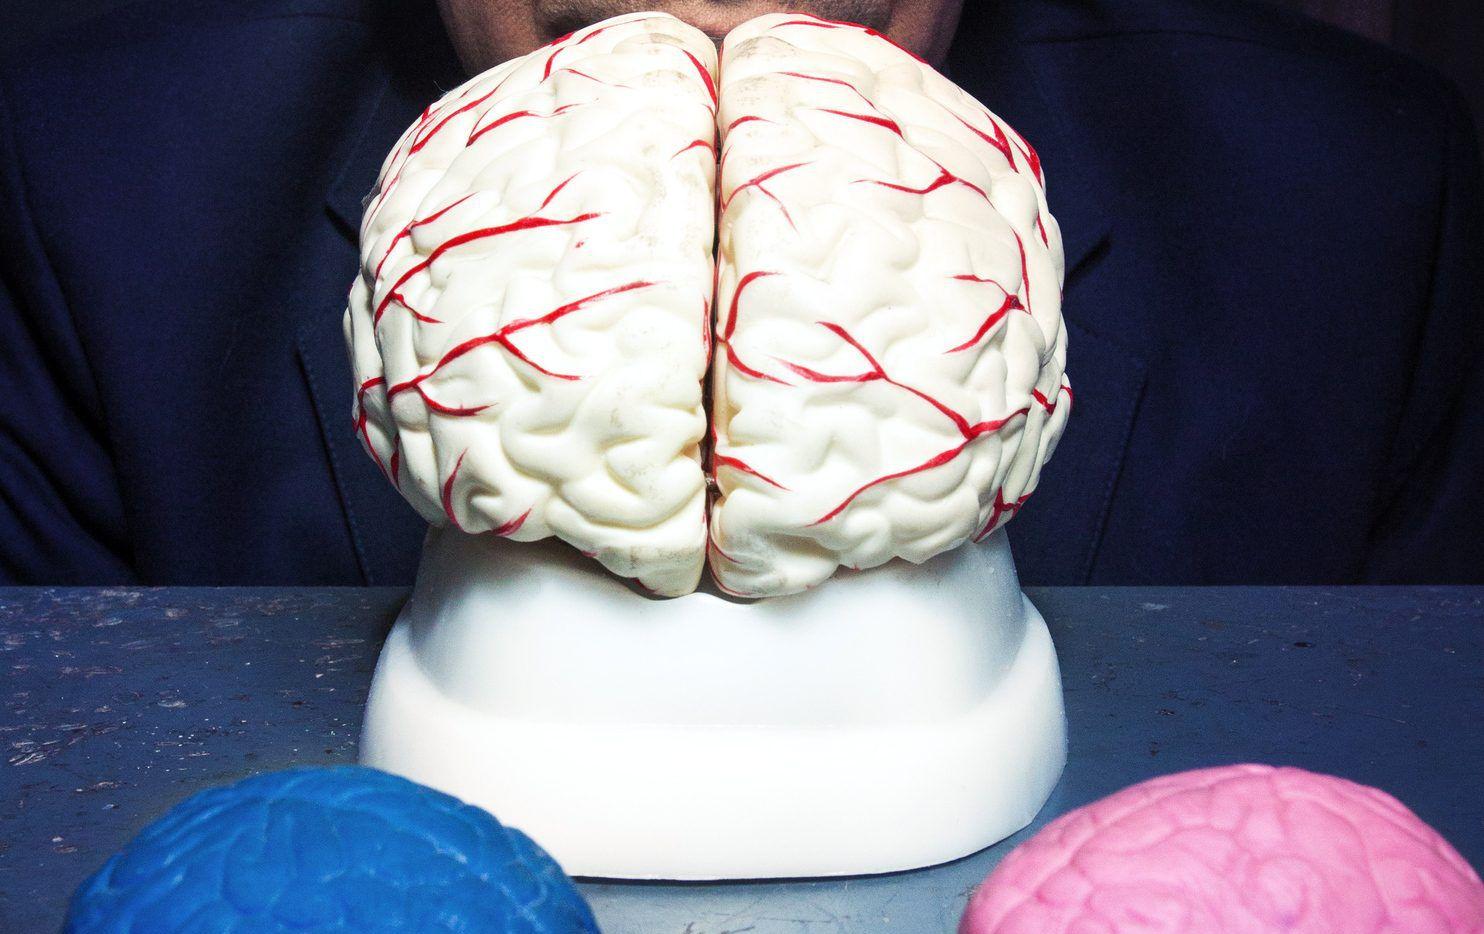 De acuerdo con Góngora Rivera, el derrame cerebral es causado por el descontrol de la presión arterial que hace que las arterias finas del cerebro se dañan poco a poco a lo largo de los años. AGENCIA REFORMA